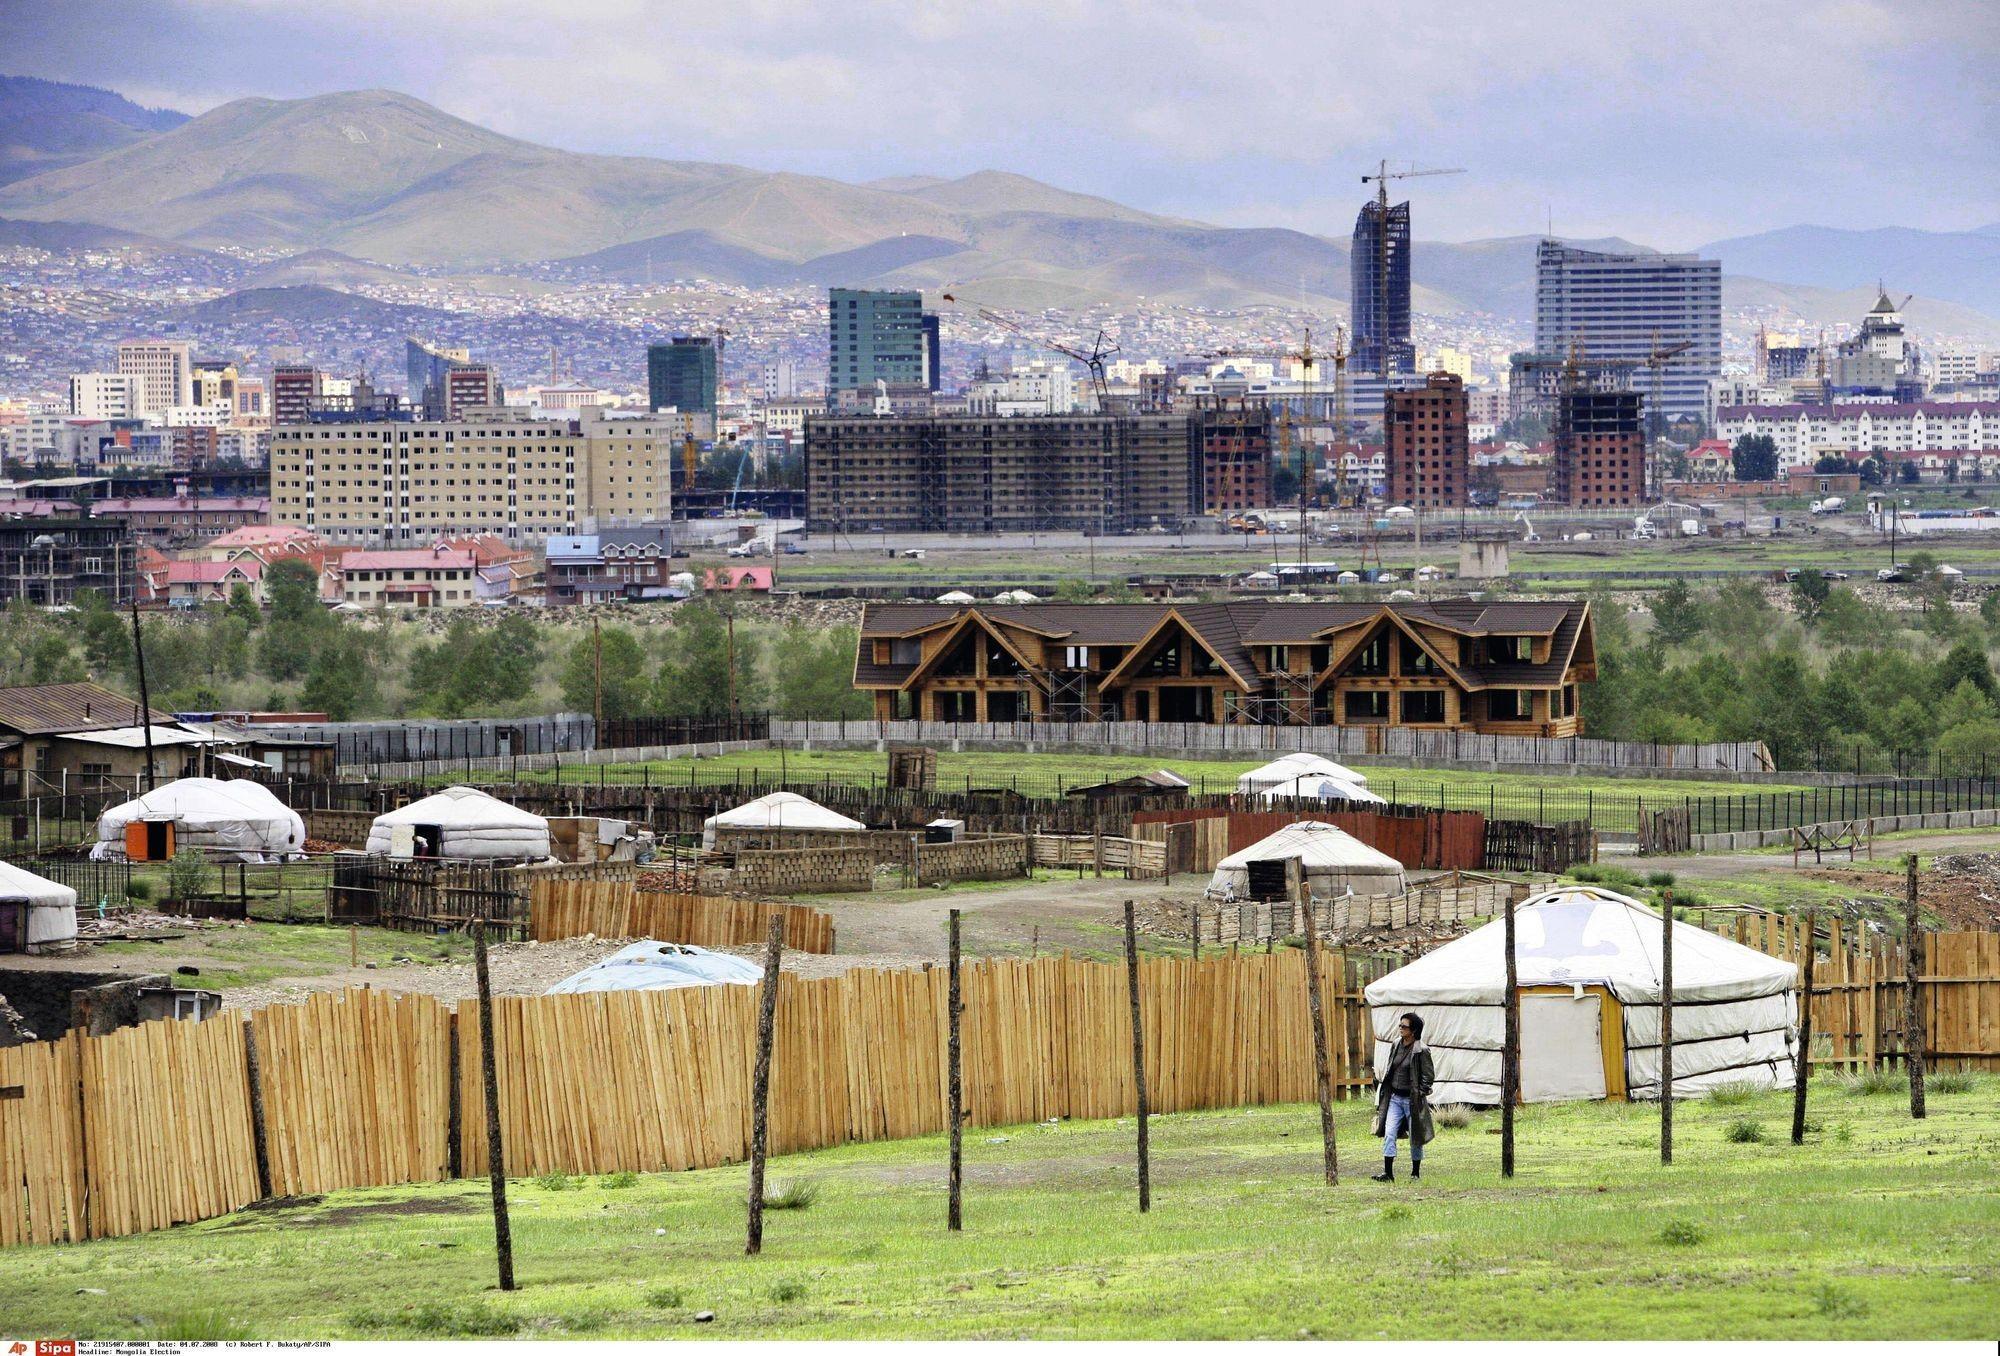 Vue d'Oulan-Bator, capitale de la Mongolie